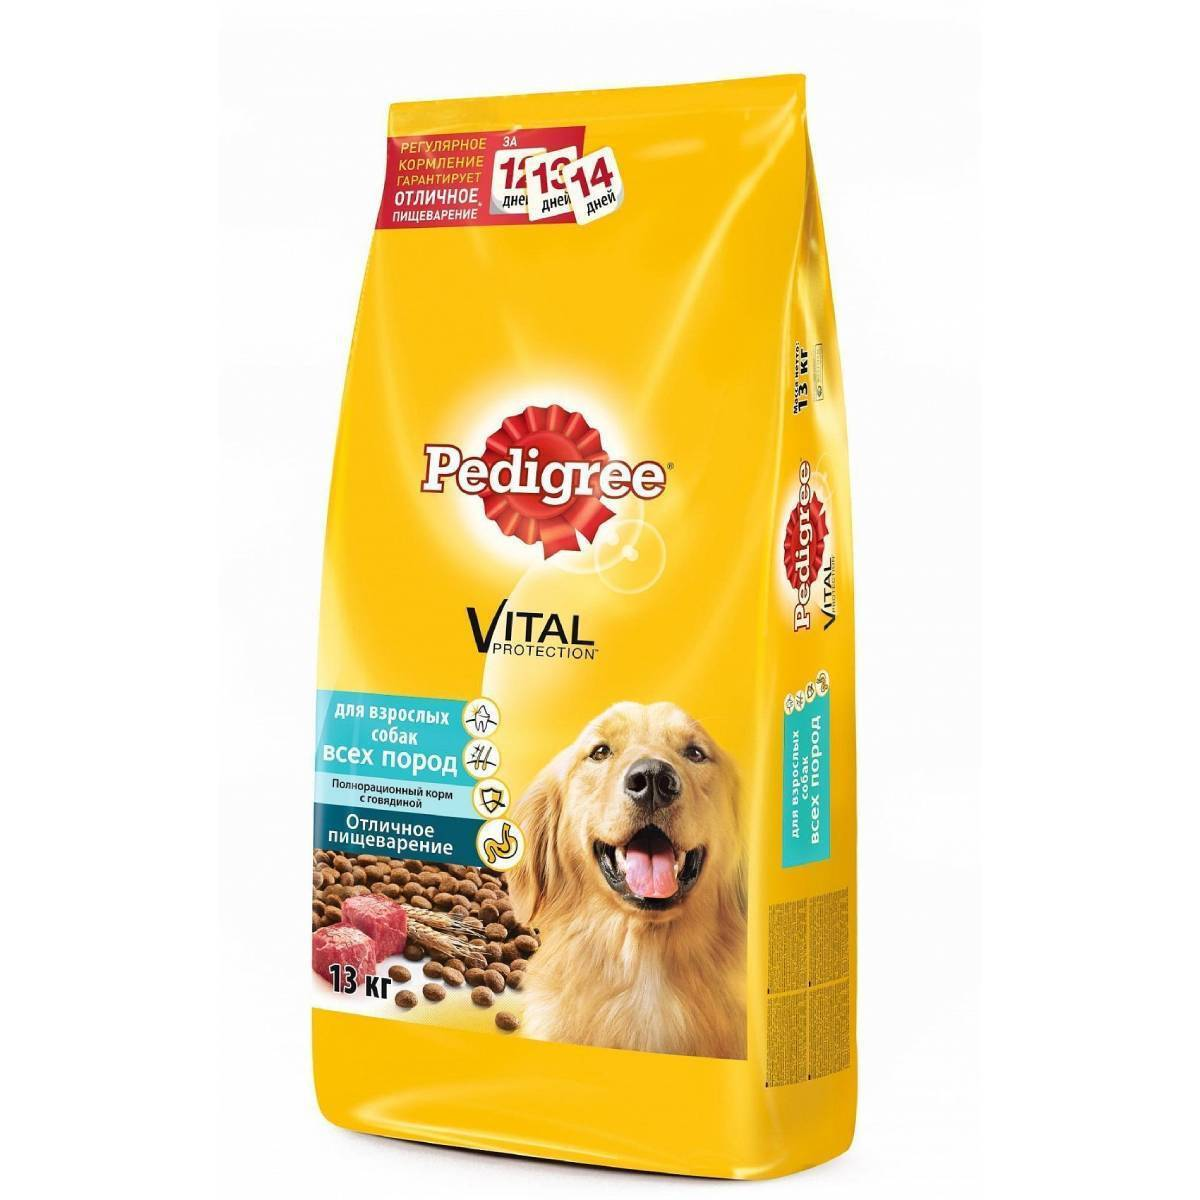 Корм для собак педигри (pedigree): отзывы ветеринаров, состав